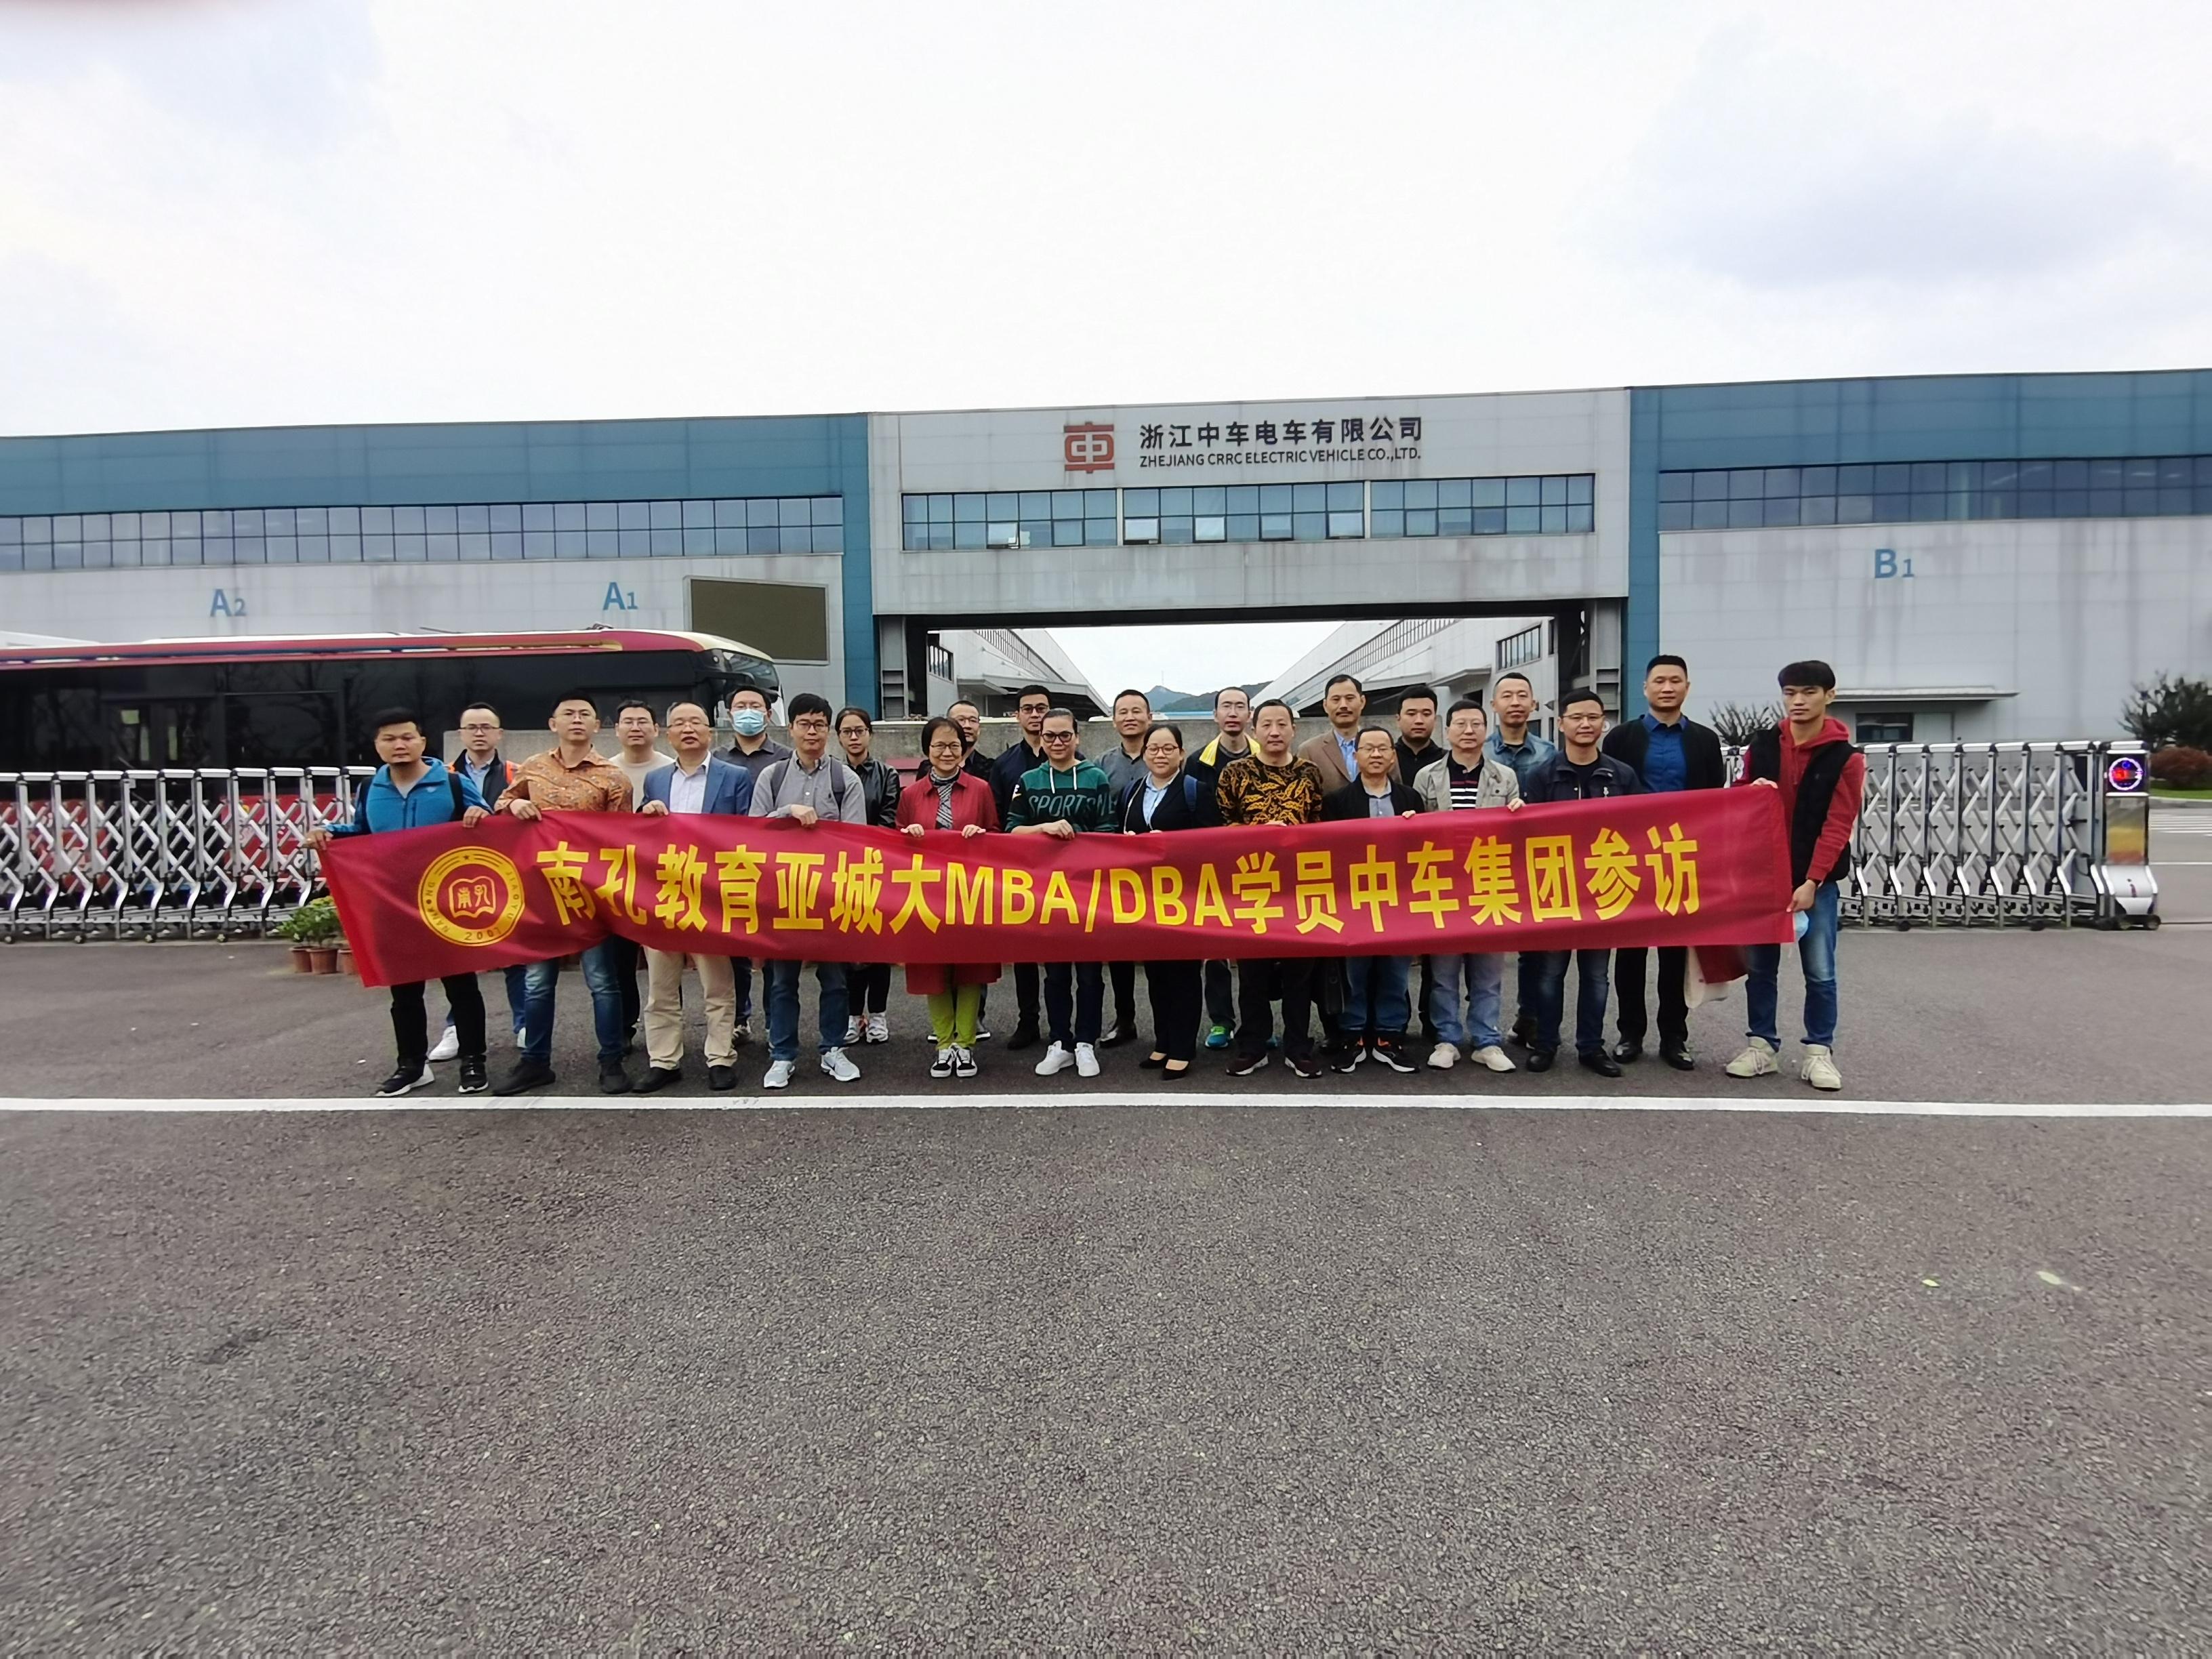 南孔教育|亚洲城市大学MBA/DBA学员赴中车集团参观交流